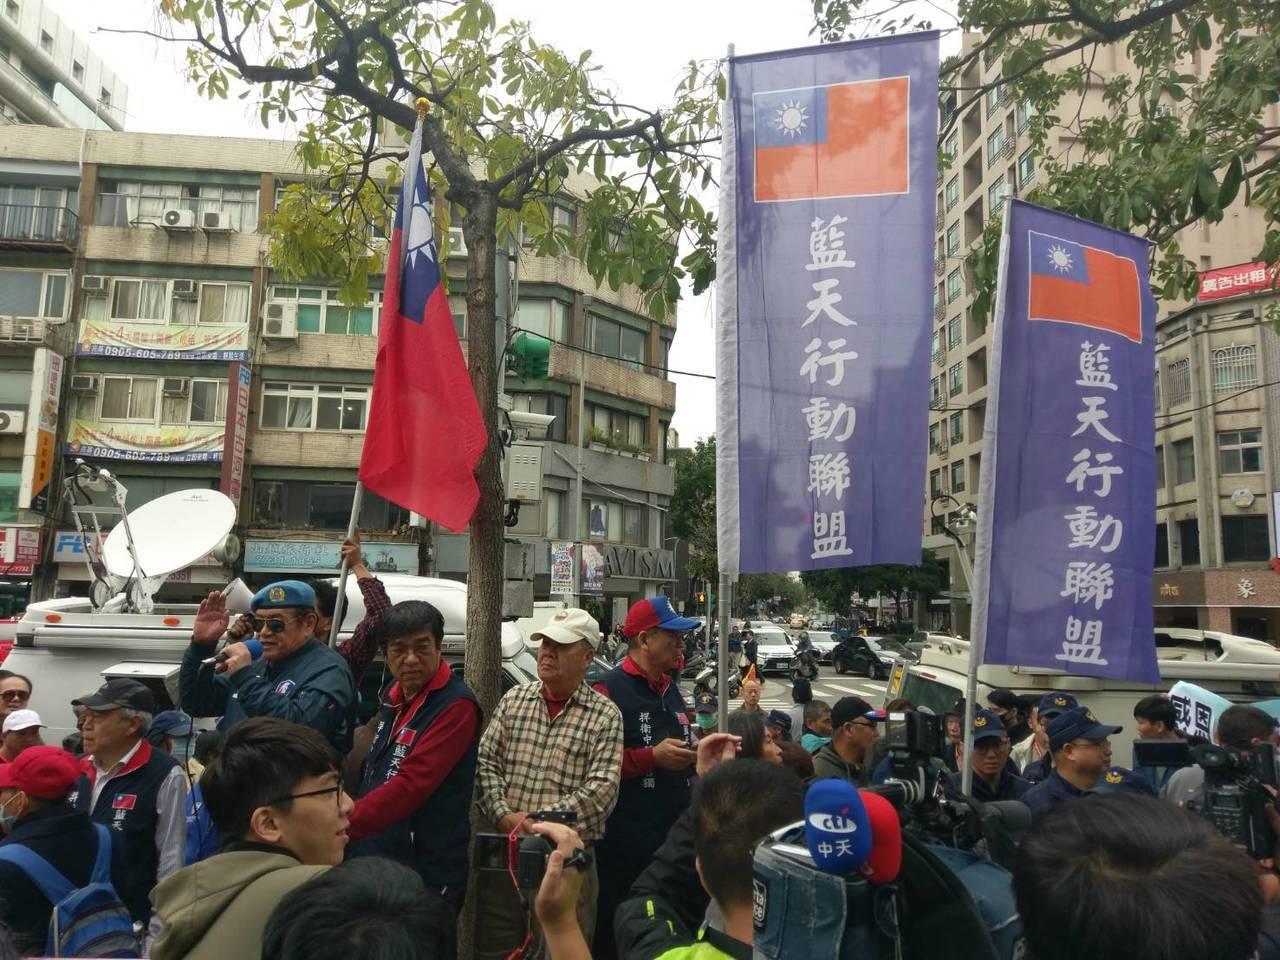 藍天行動聯盟赴國民黨部外抗議。記者劉宛琳/攝影